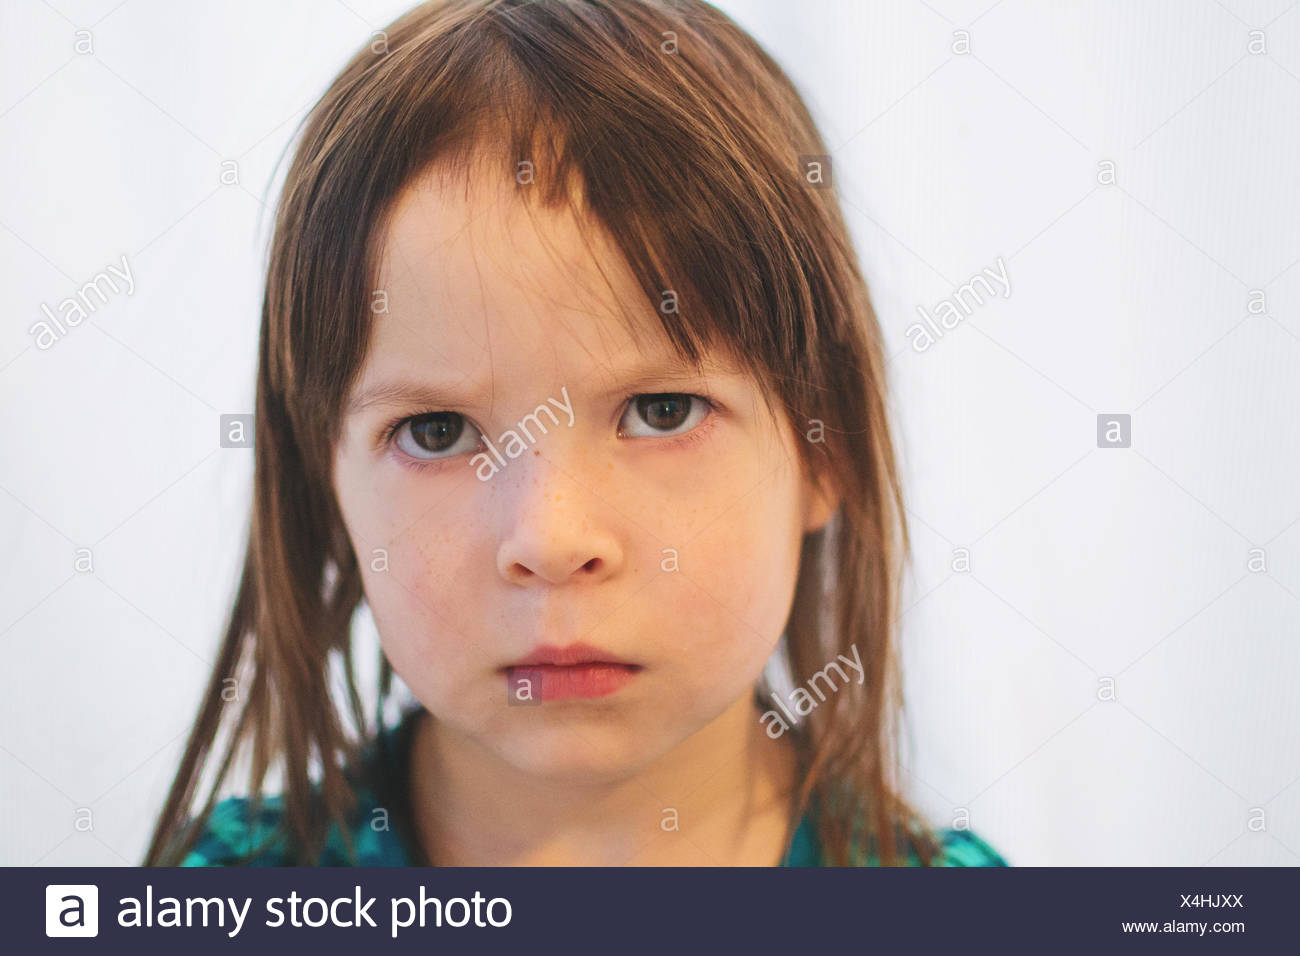 Retrato de una niña que tiene cortar su propio cabello Imagen De Stock